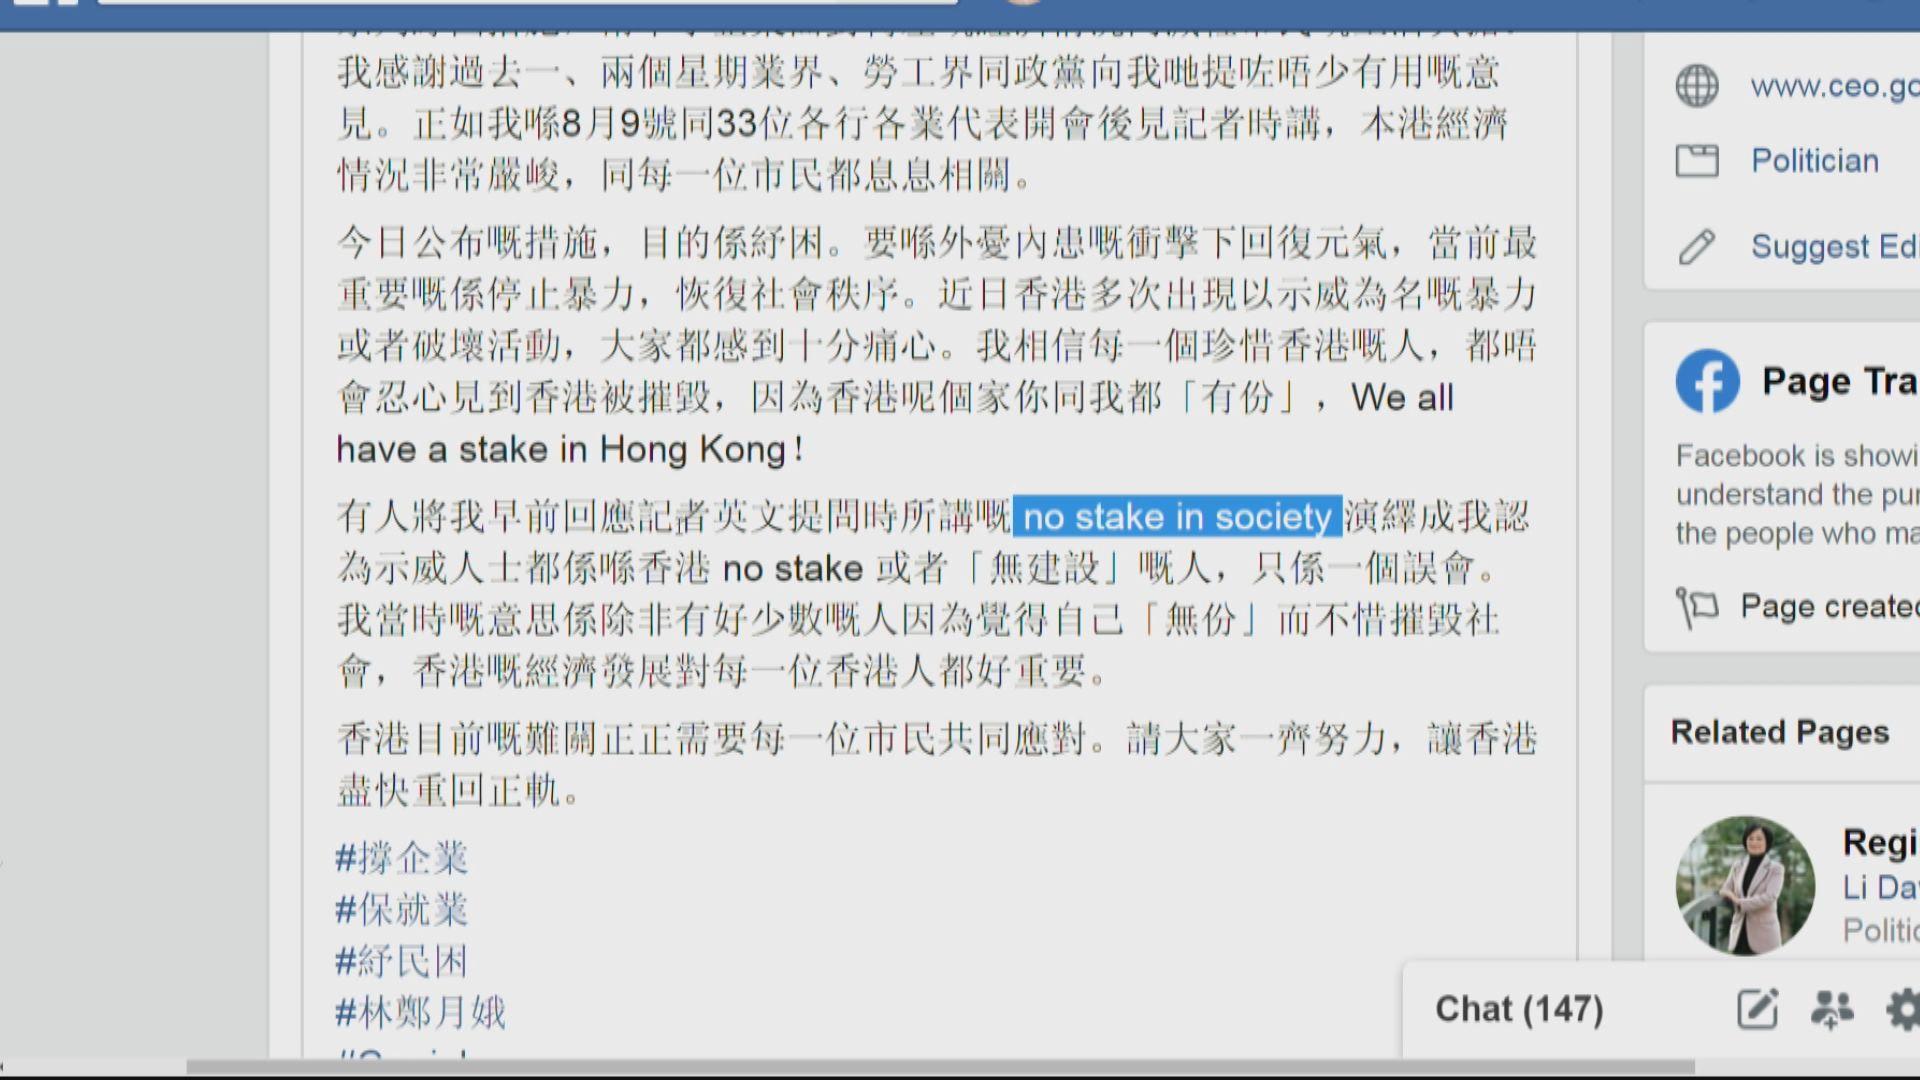 林鄭月娥解釋指示威者「No Stake」的言論